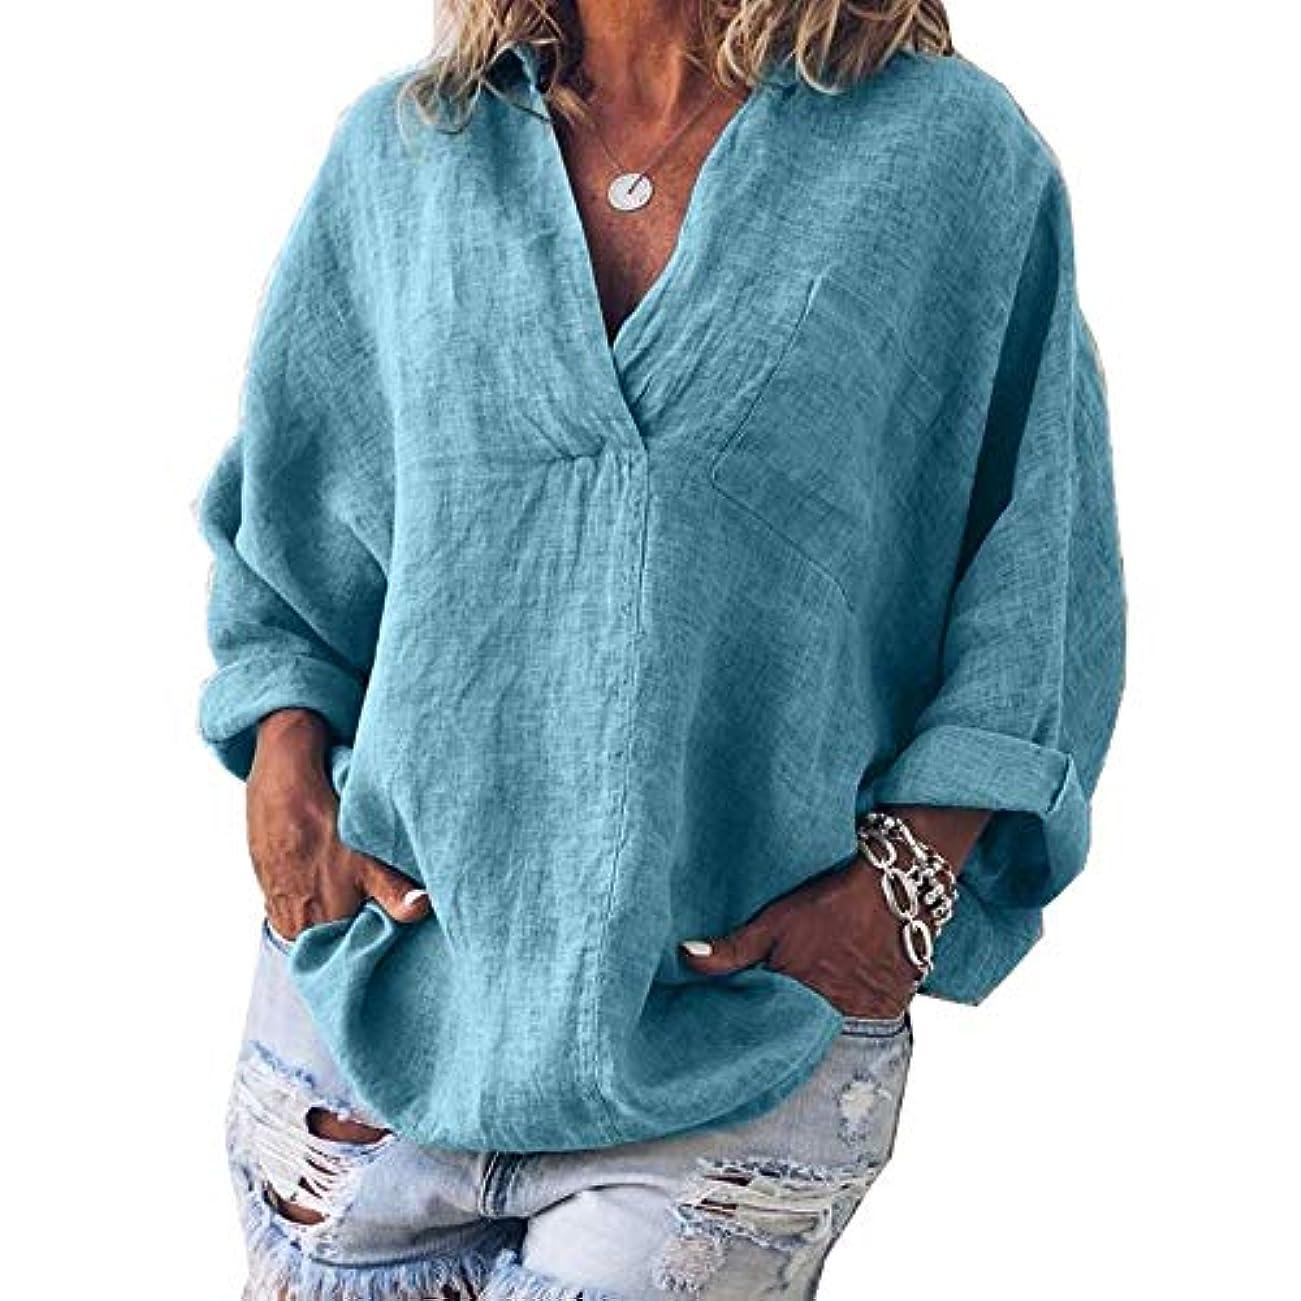 湿地セクタ知り合いMIFAN女性ファッション春夏チュニックトップス深いVネックTシャツ長袖プルオーバールーズリネンブラウス